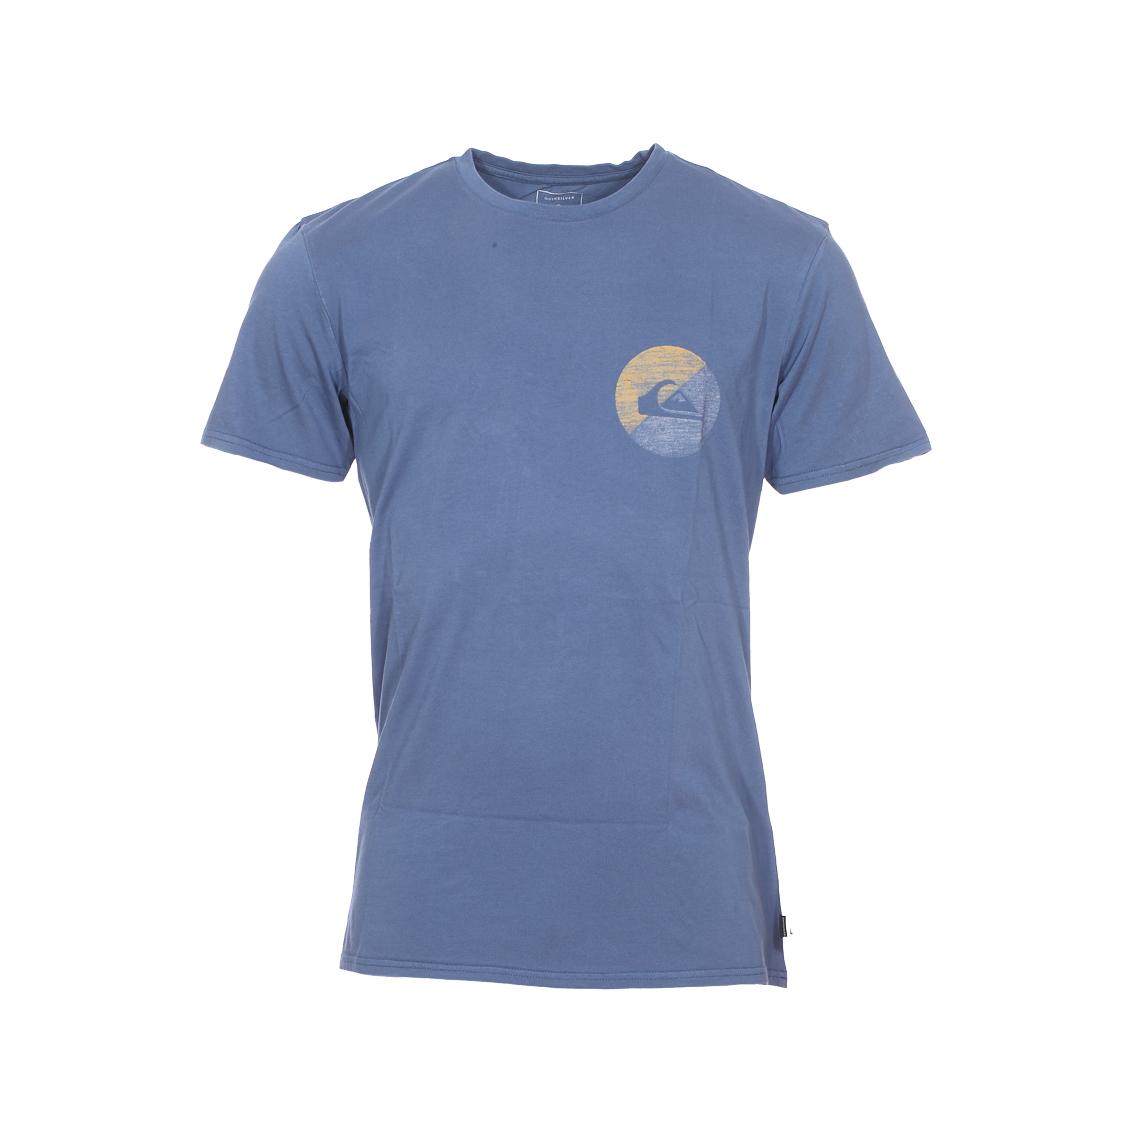 Tee-shirt col rond  shook up en coton bleu indigo à imprimé graphique sur la poitrine et au dos